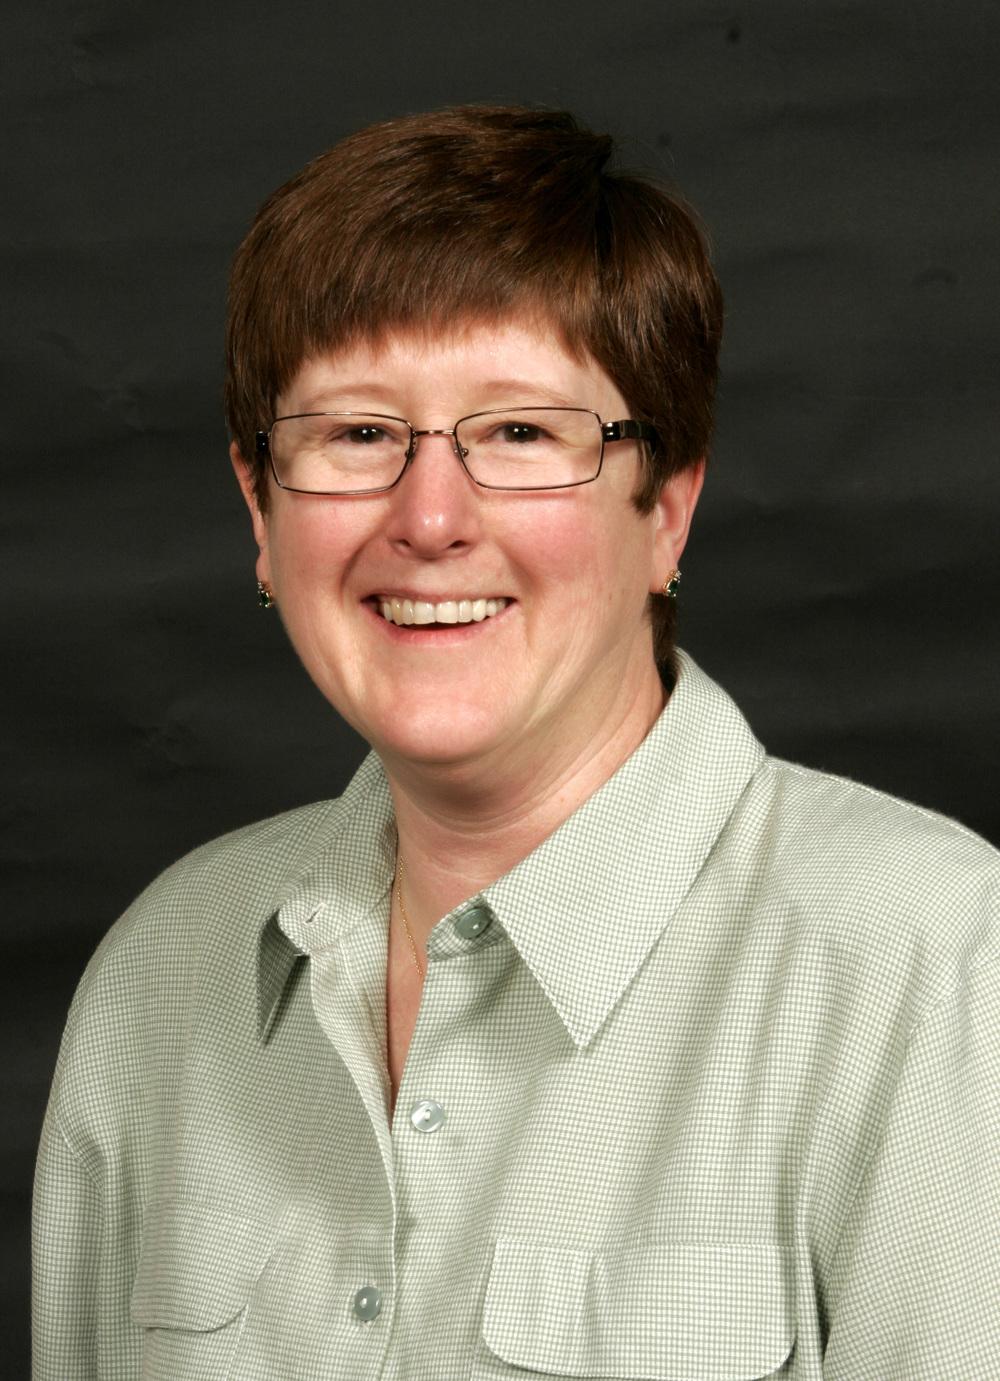 Pamela S. Alderman, BSRS, CNMT